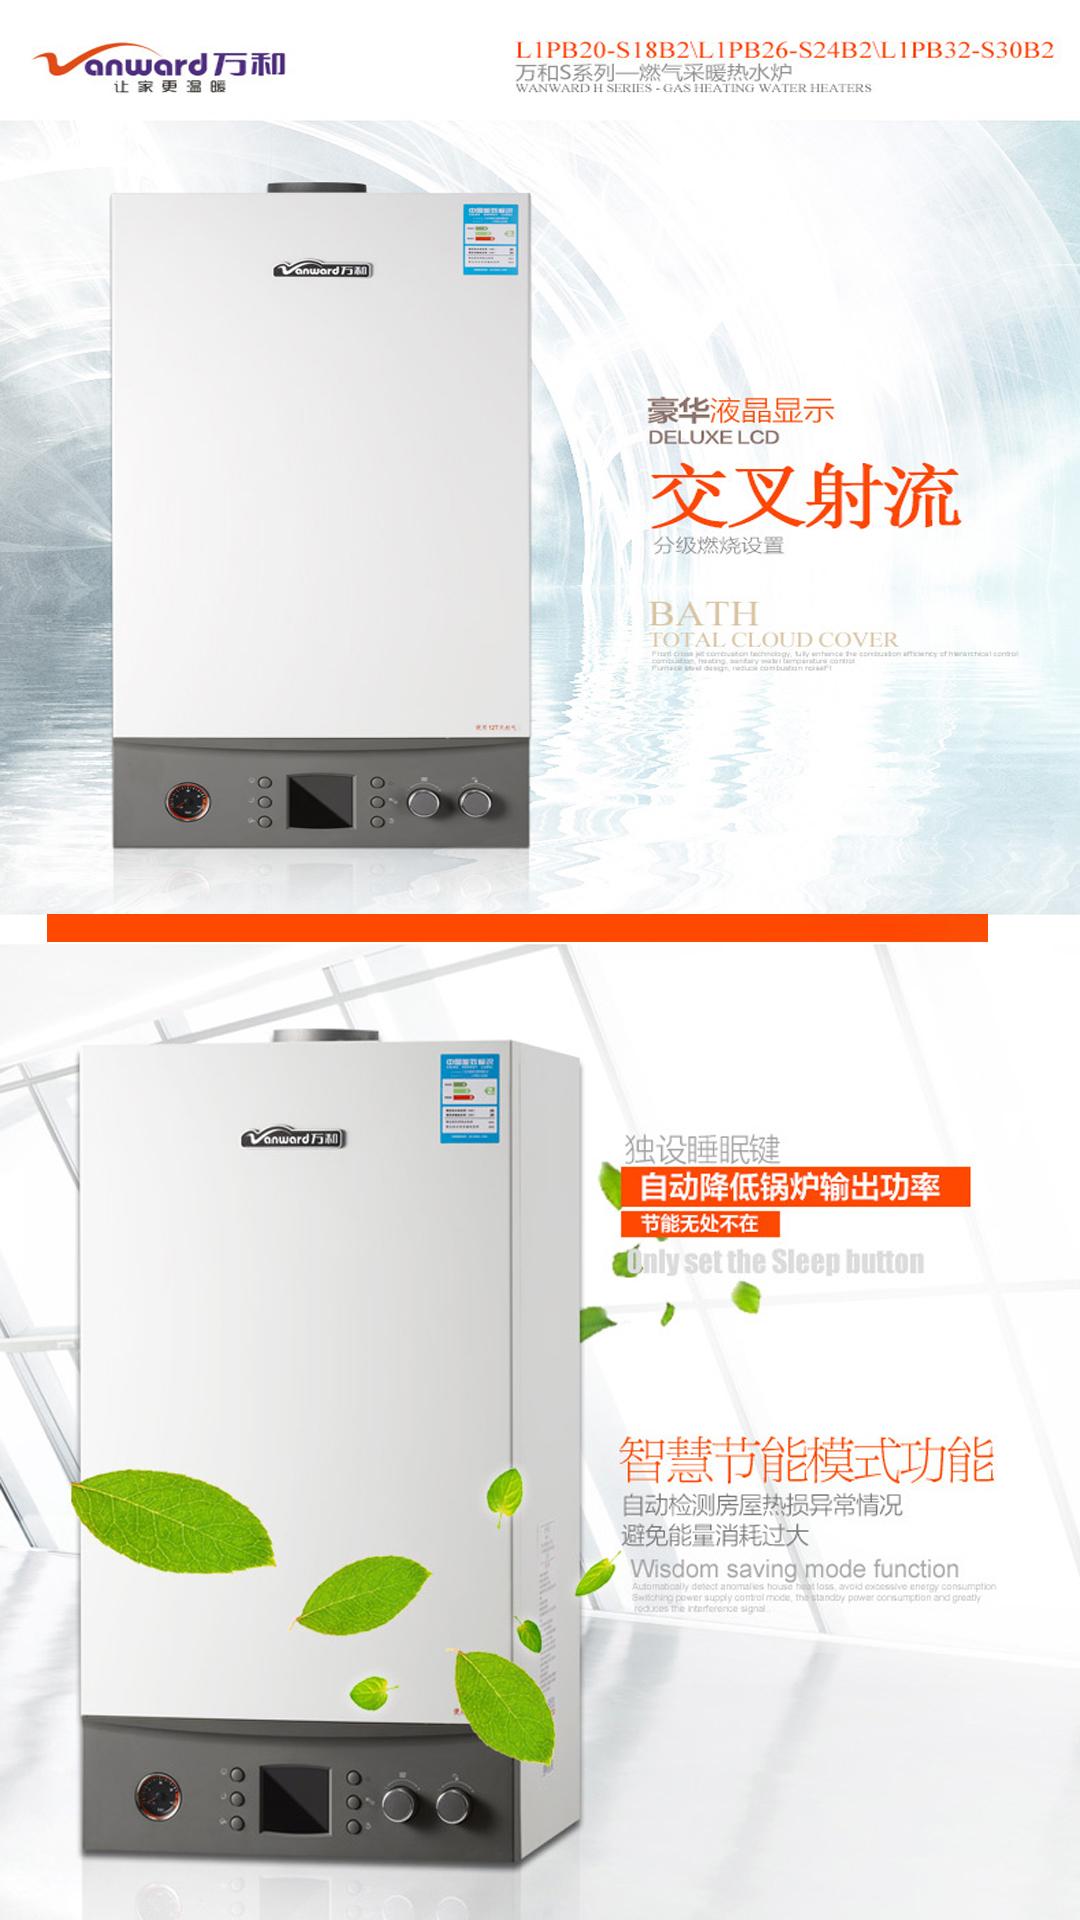 3级产品-万和炉1080×1920-1副本.jpg